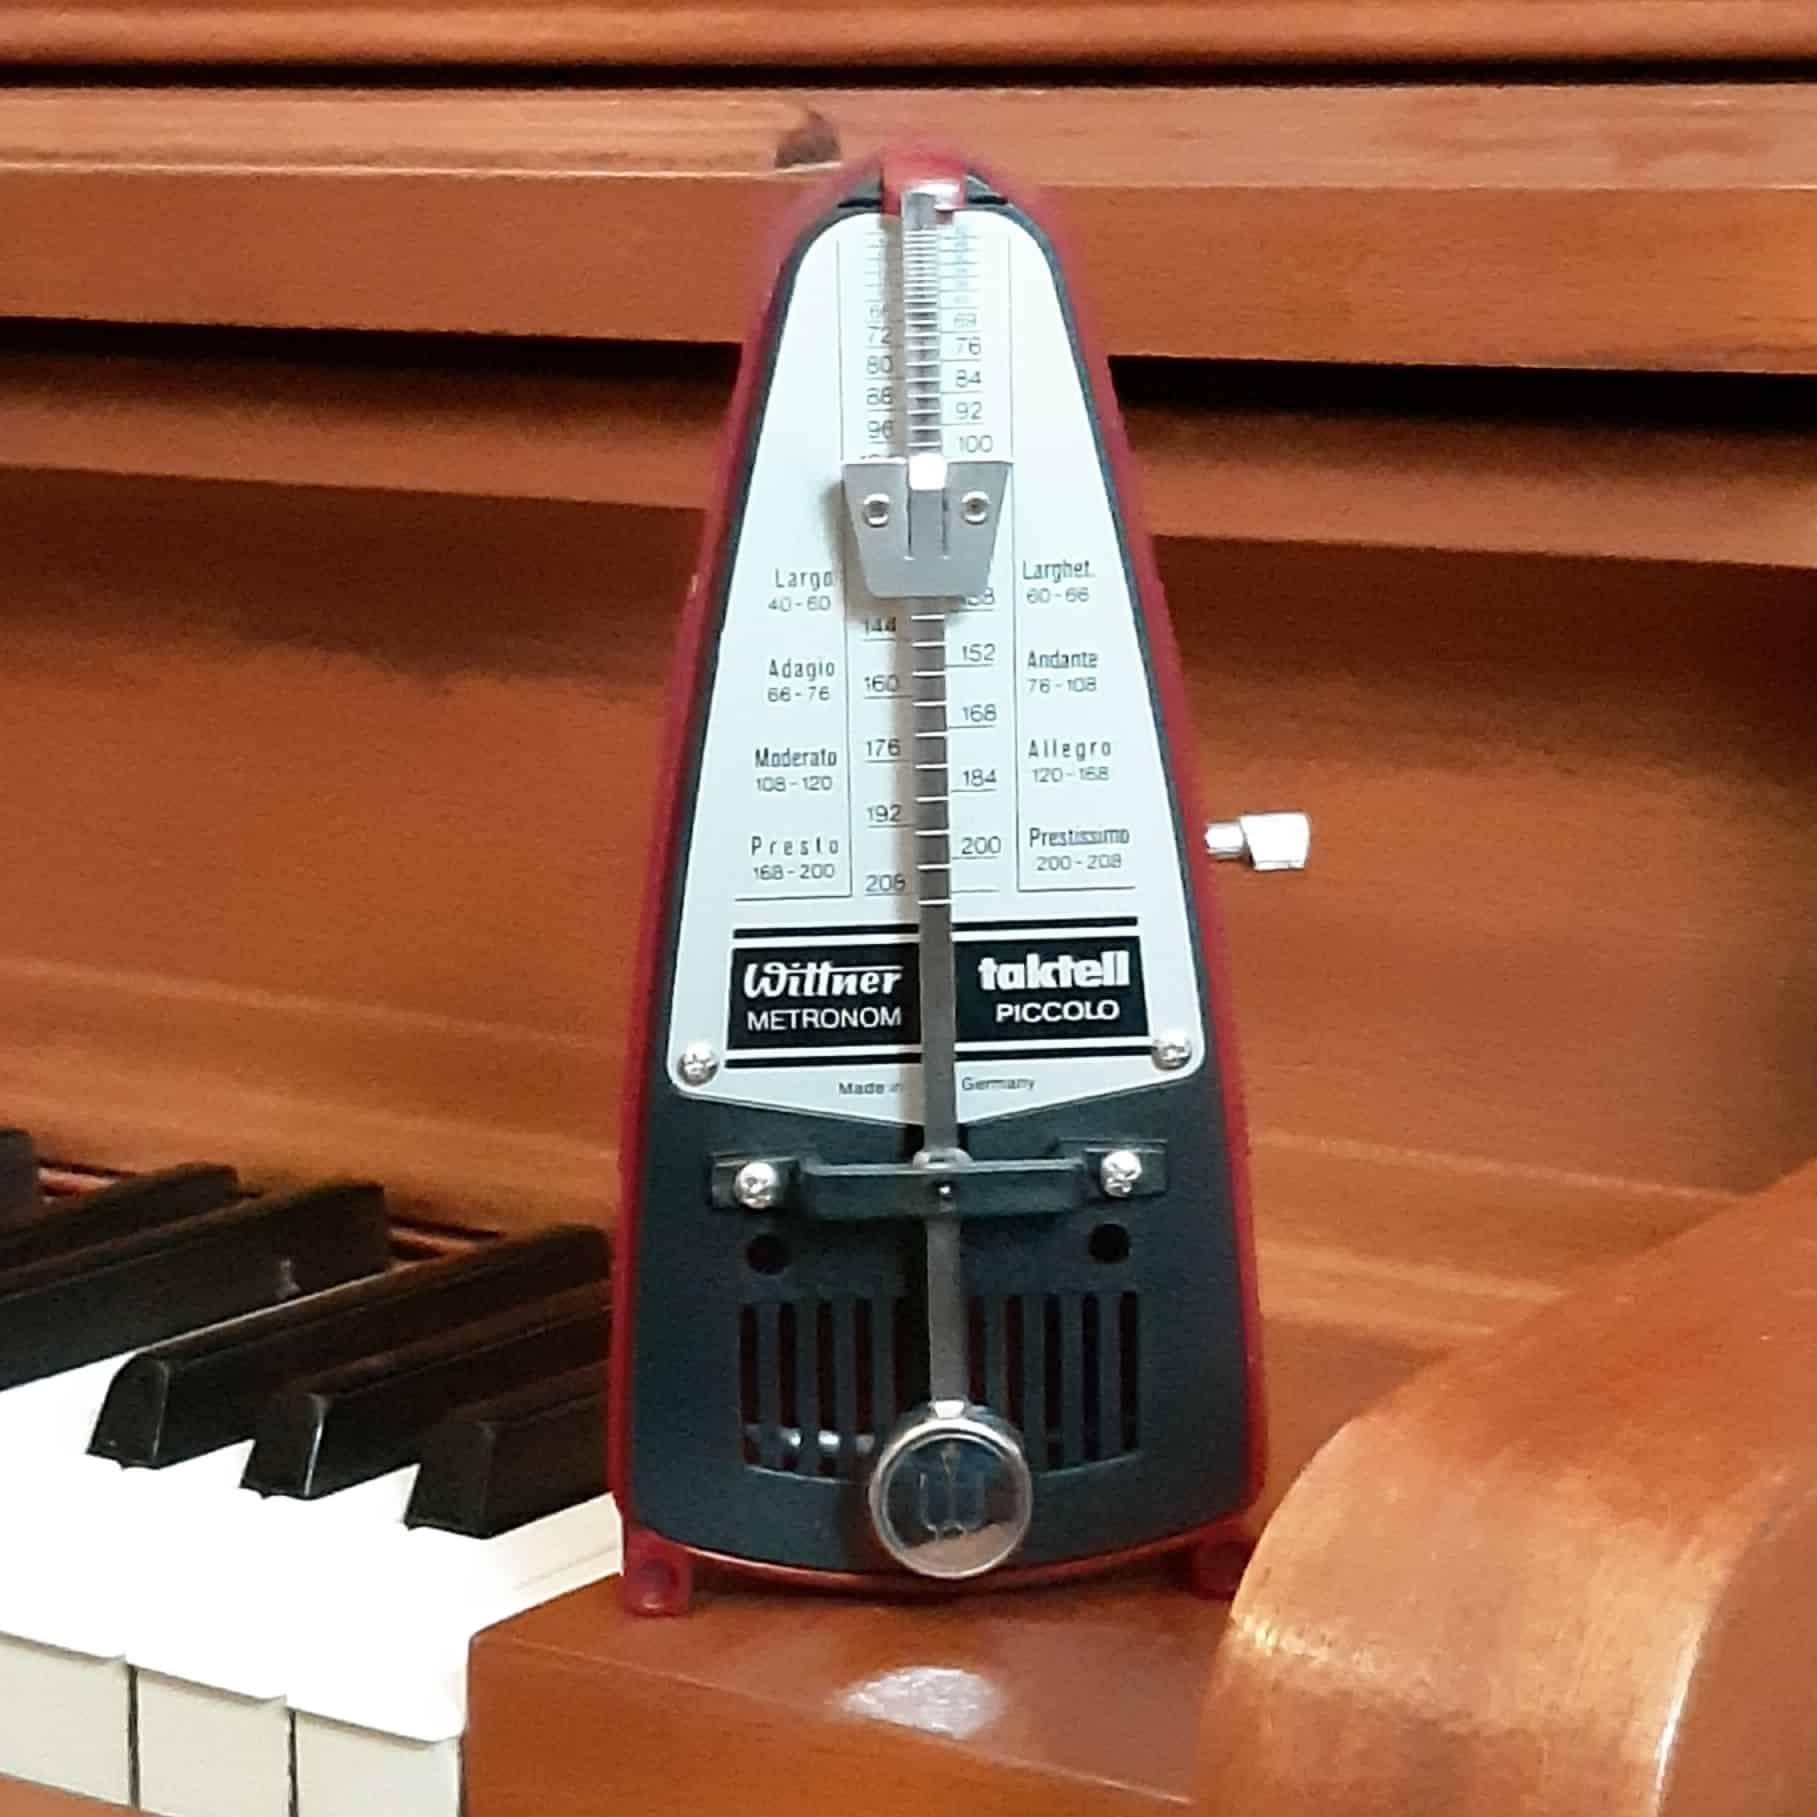 Wittner Taktell Metronome